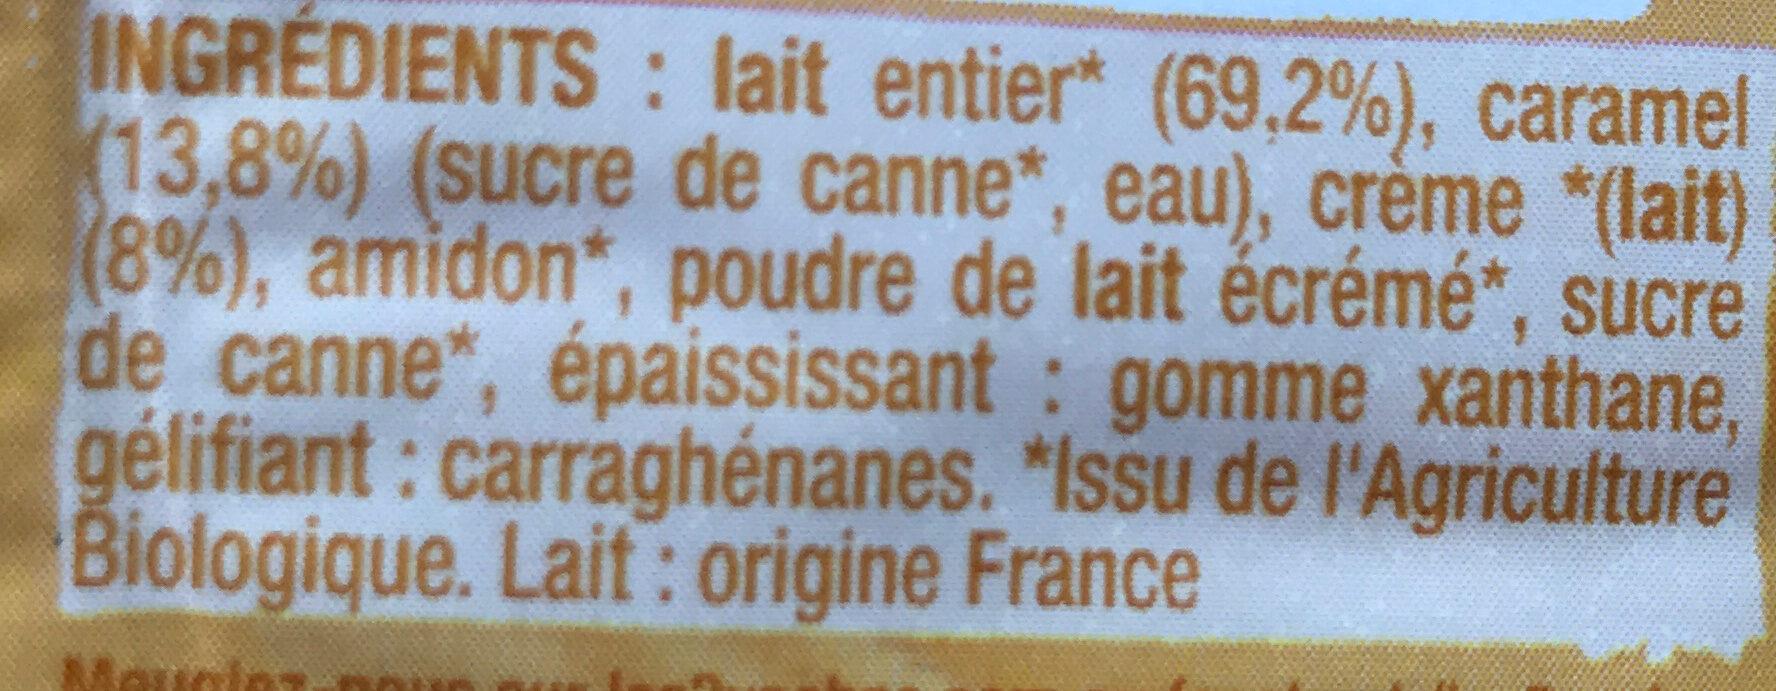 Crème dessert bio au caramel - Ingrédients - fr